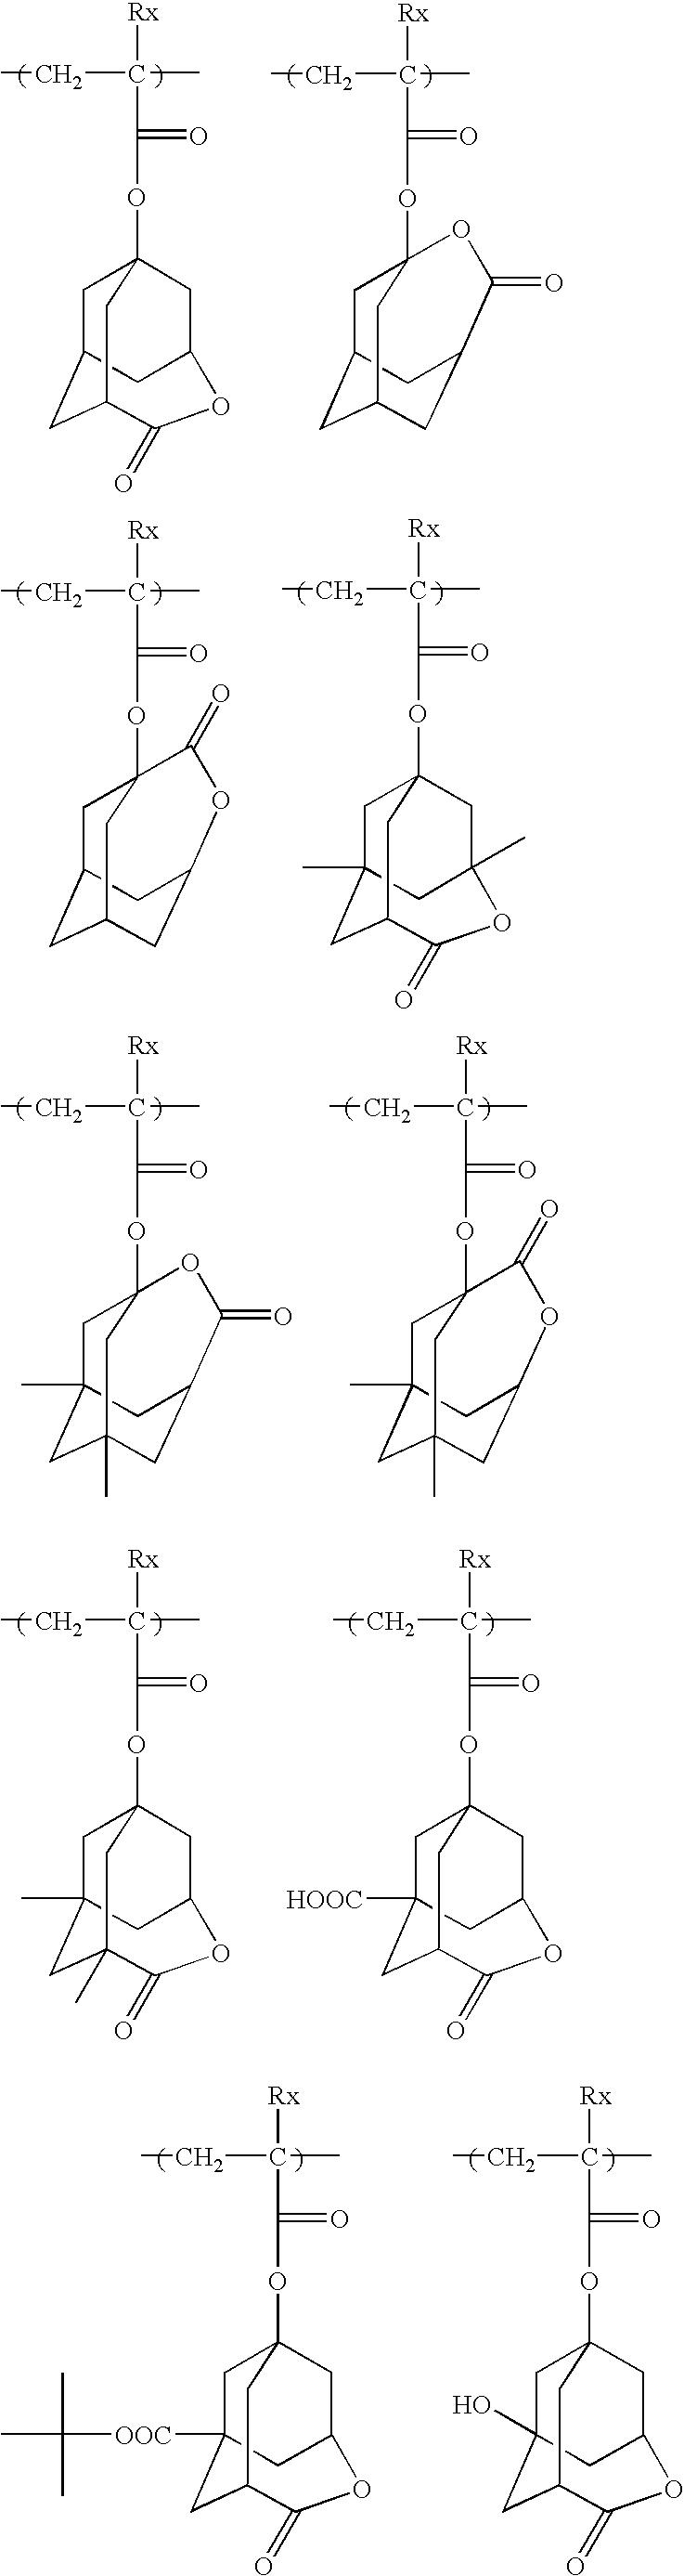 Figure US08530148-20130910-C00026